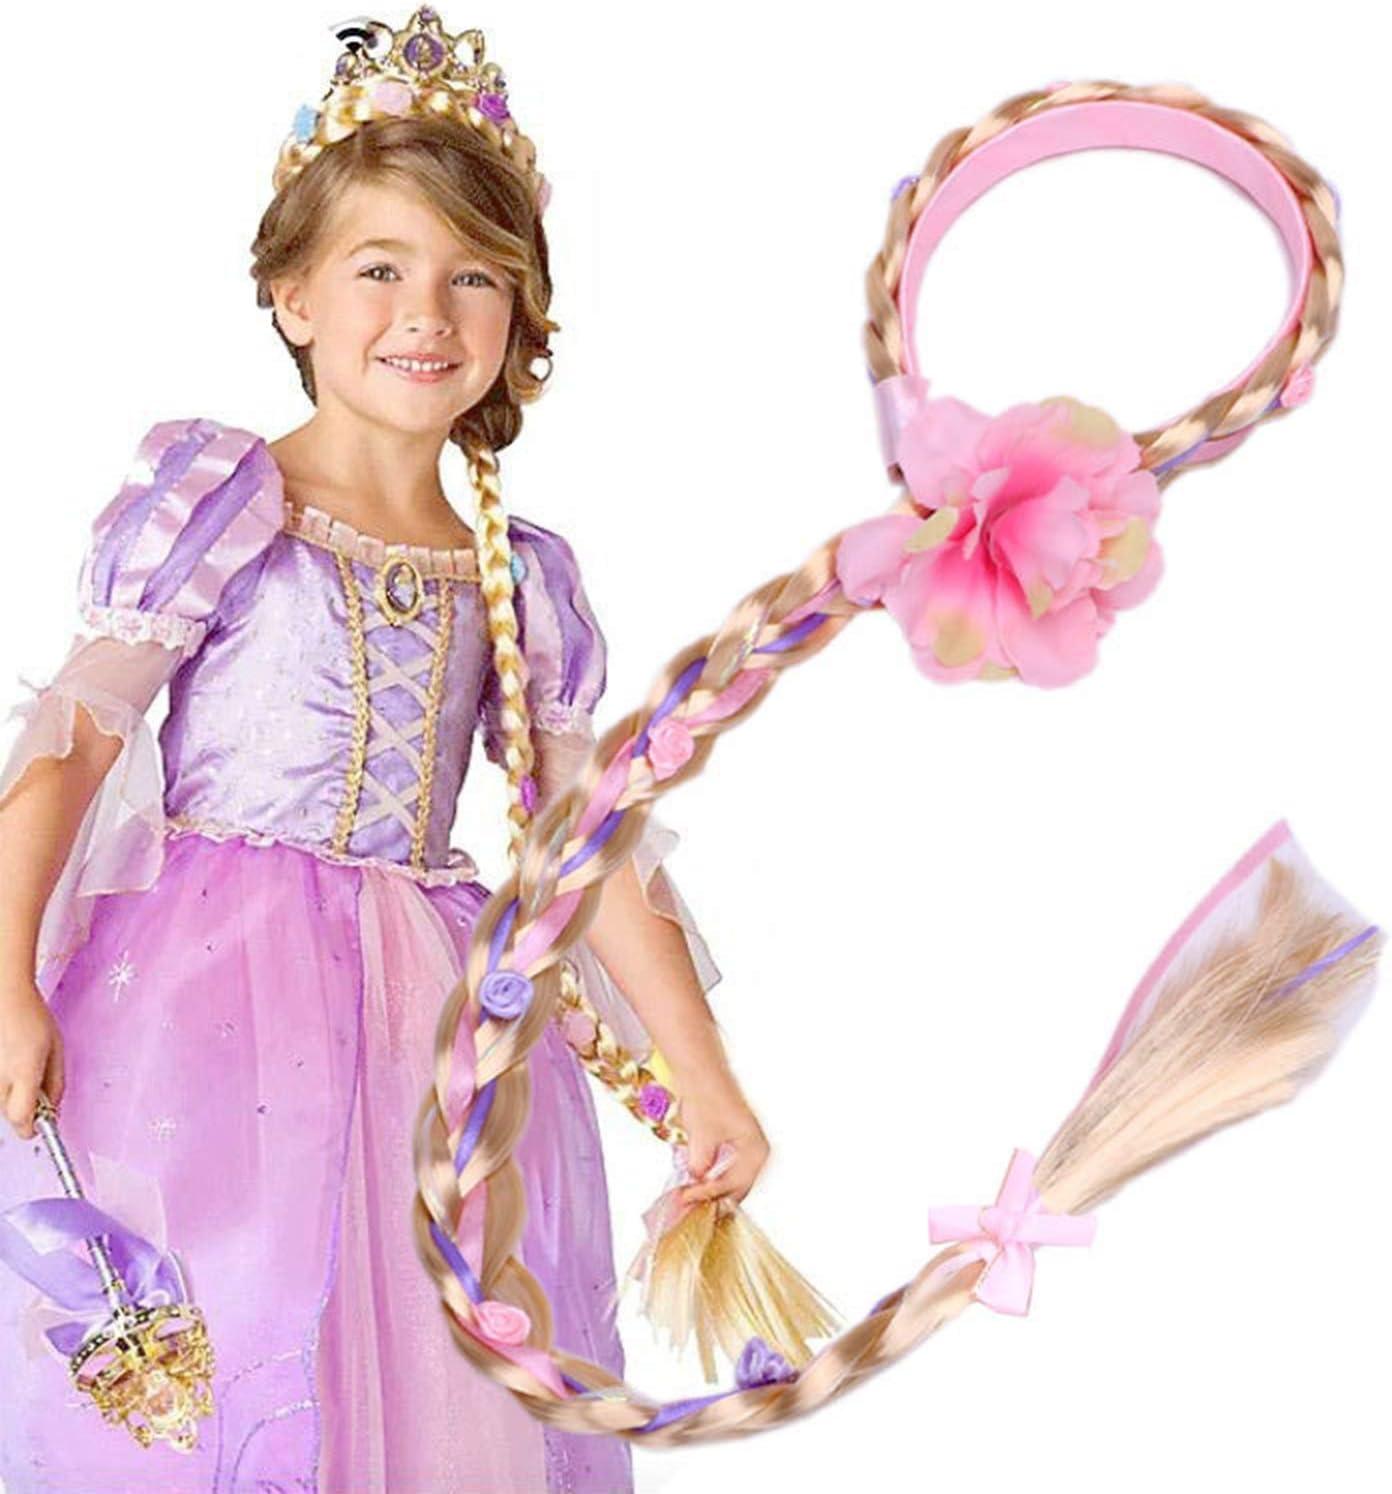 Comius Sharp 2 Piezas Rapunzel Princesa Diadema Peluca Accesorios de Vestir ni/ñas Peluca Trenzas Regalo de los ni/ños para la Fiesta de cumplea/ños Cosplay con Flores Artificiales